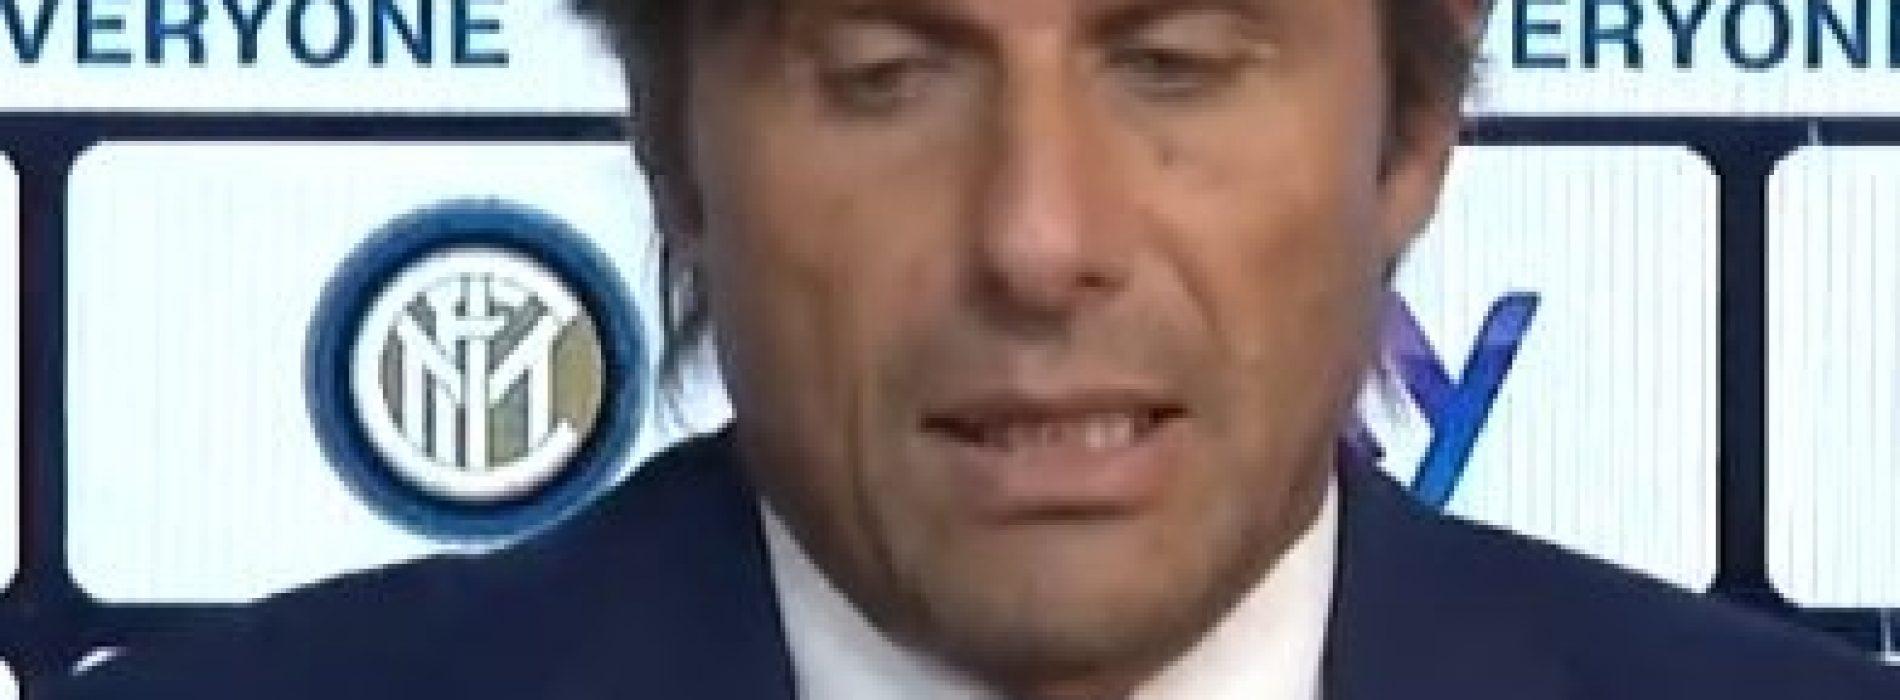 """Inter, Conte: """"Verona con Juric fa grandi cose, dovremo essere bravi, attenti e determinati"""""""